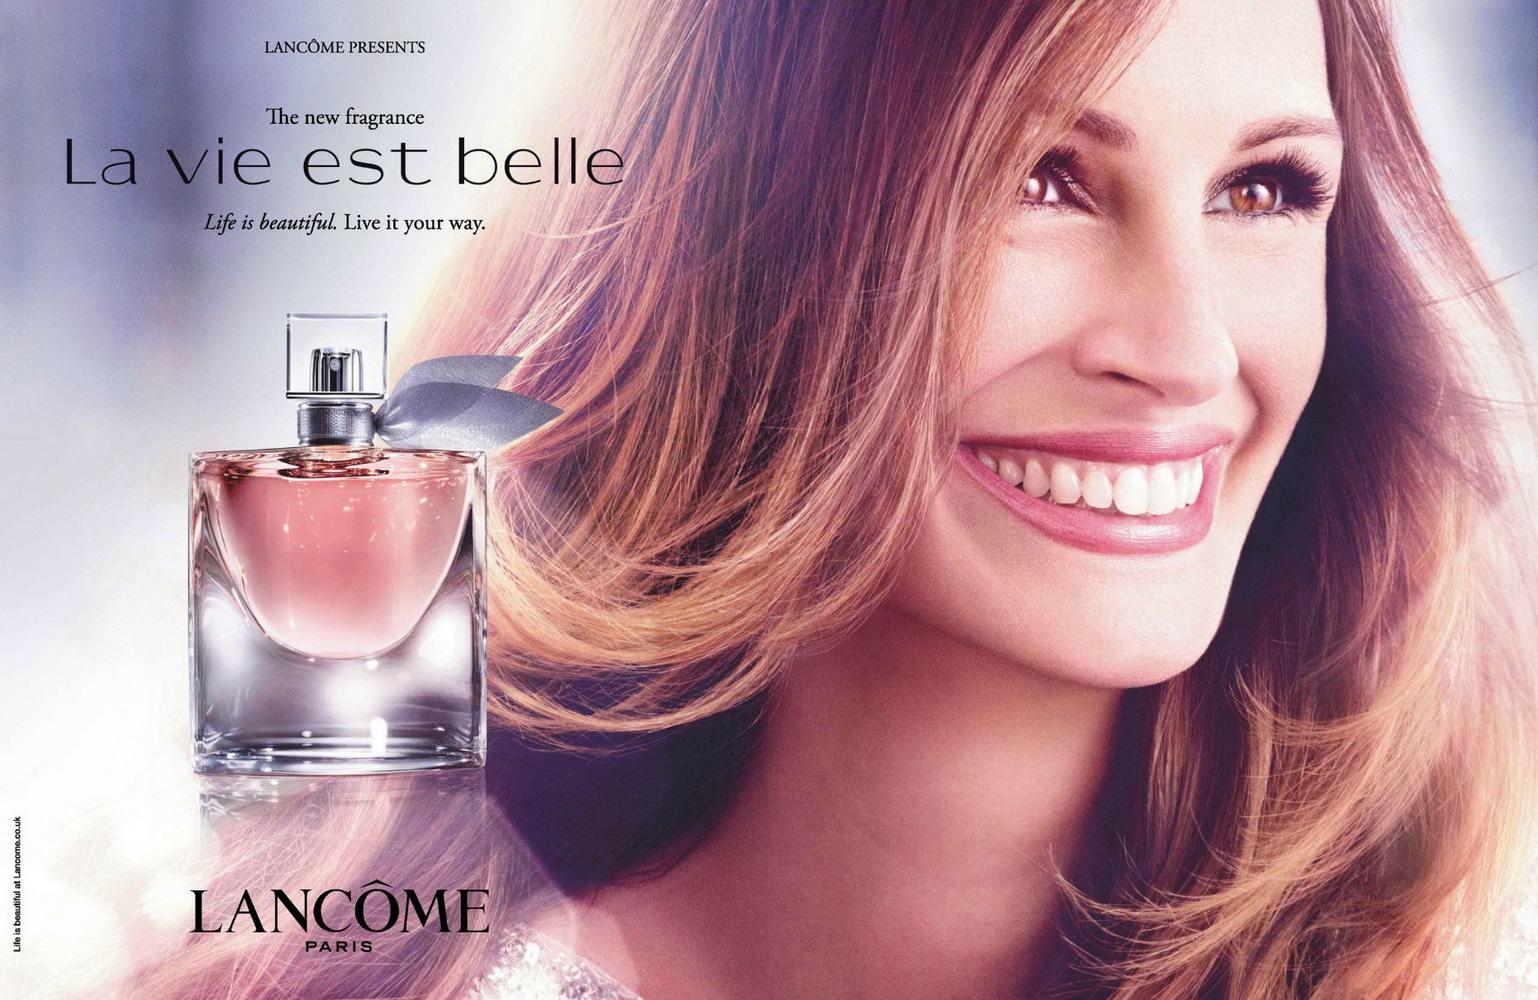 Très Julia Roberts dans la pub pour le parfum de Lancôme, La vie Est Belle. YY97